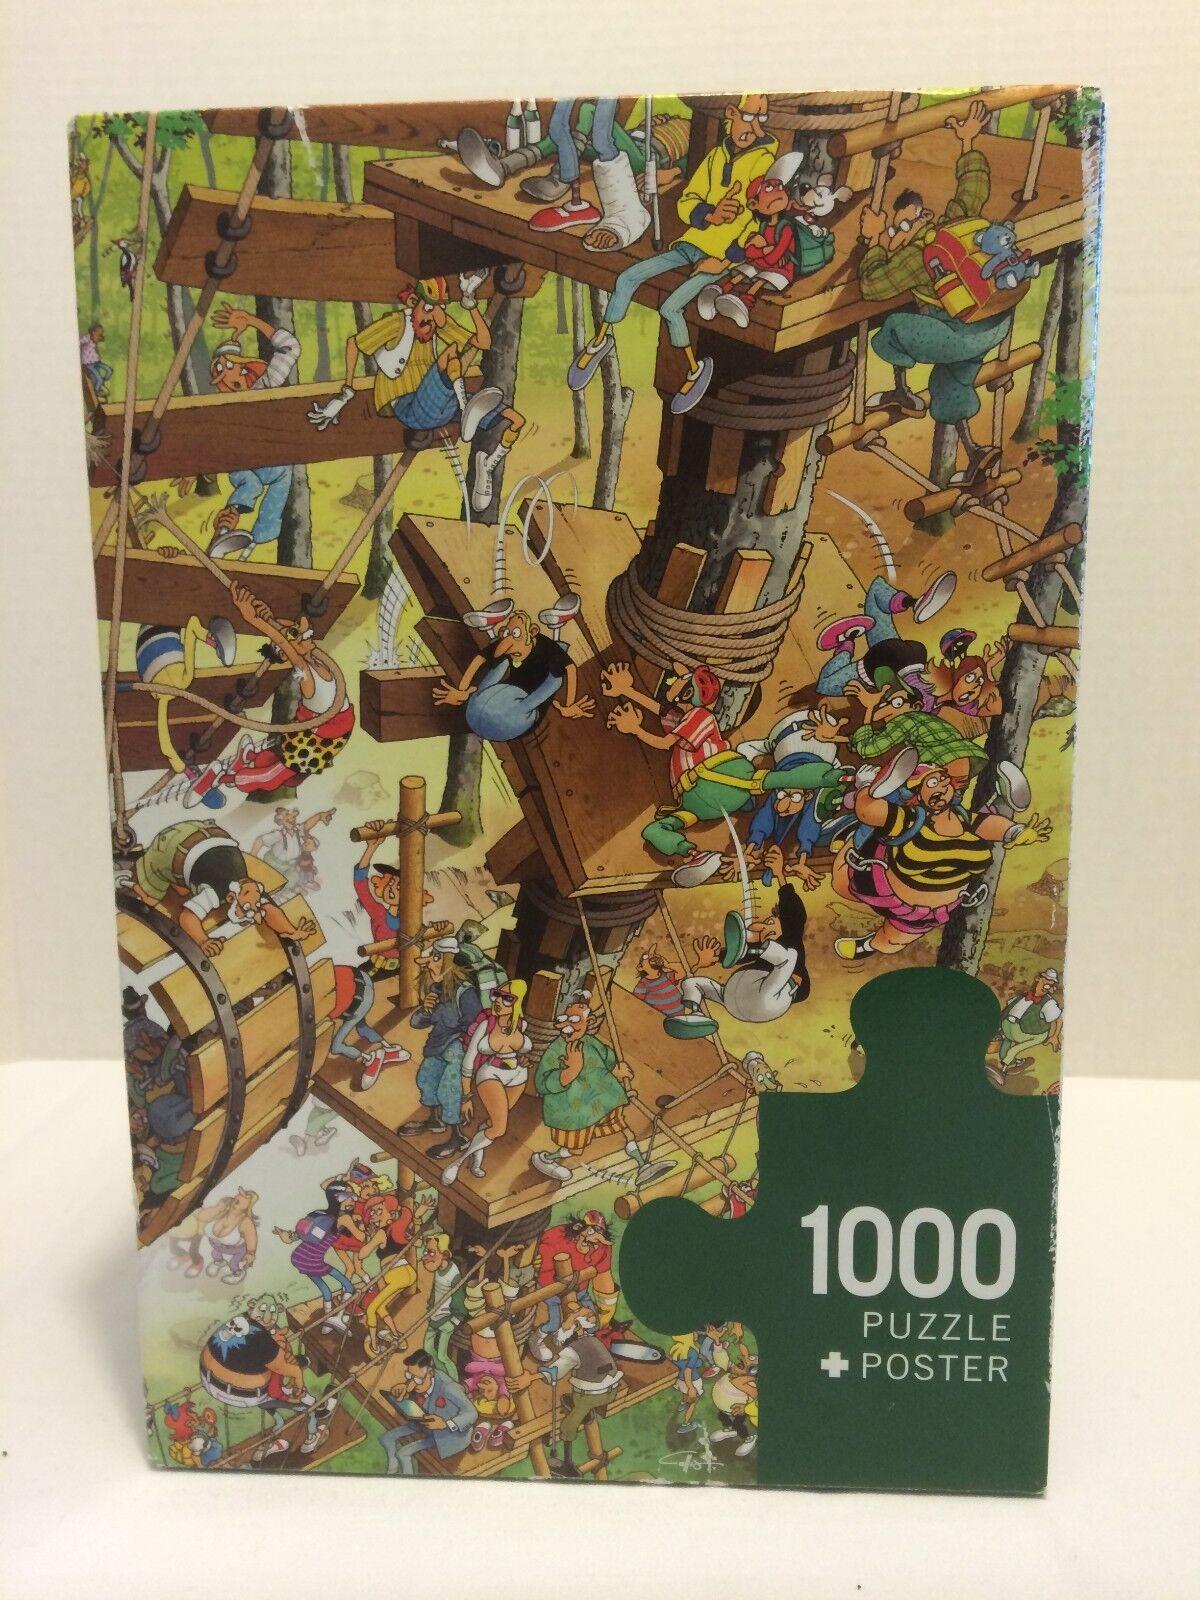 1000 Pieces HEYE Puzzle + Poster - Climbing by Giuseppe Calligaro Very Rare EUC